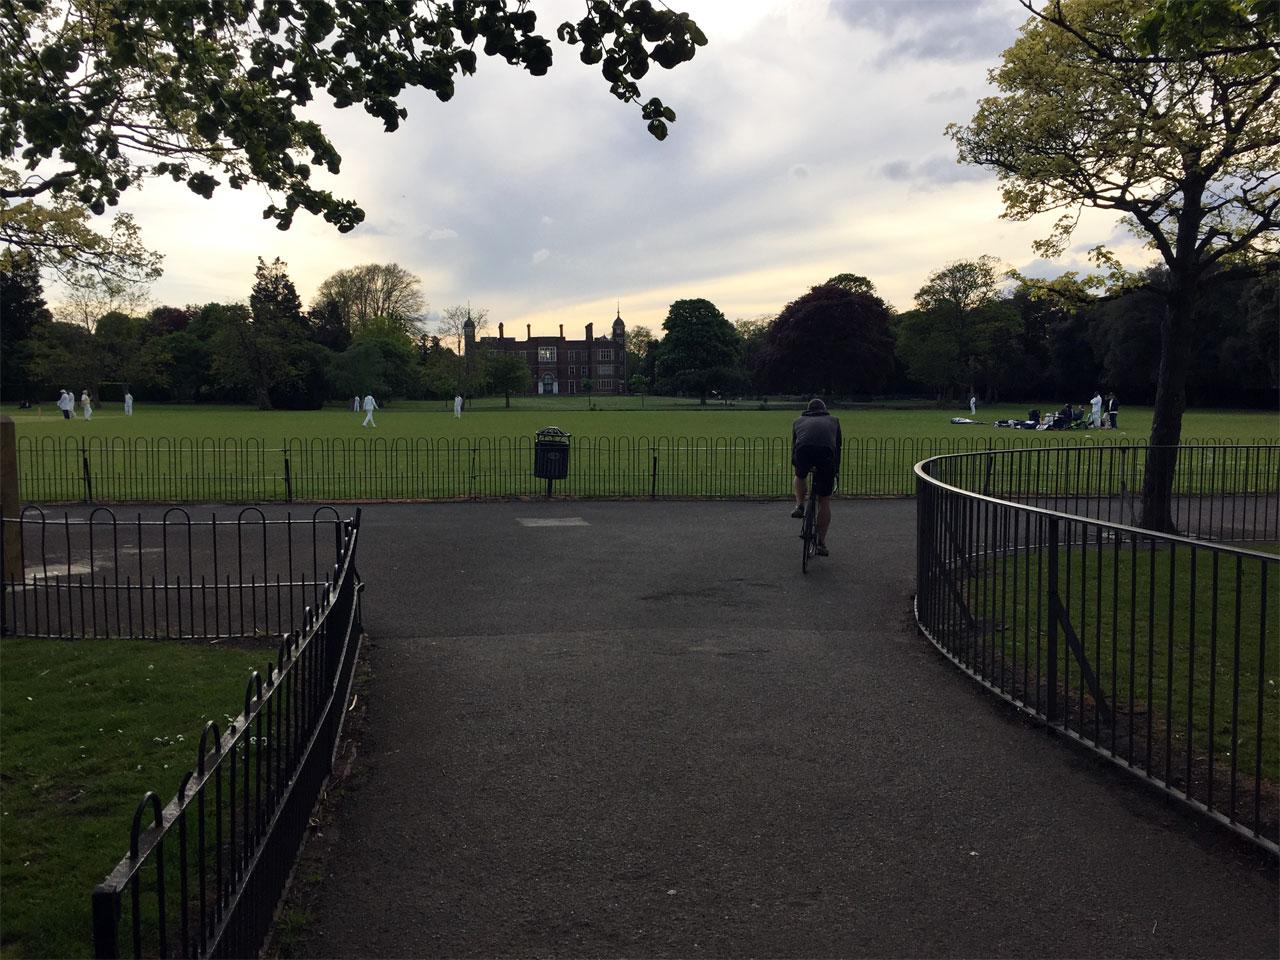 Charlton Park, London